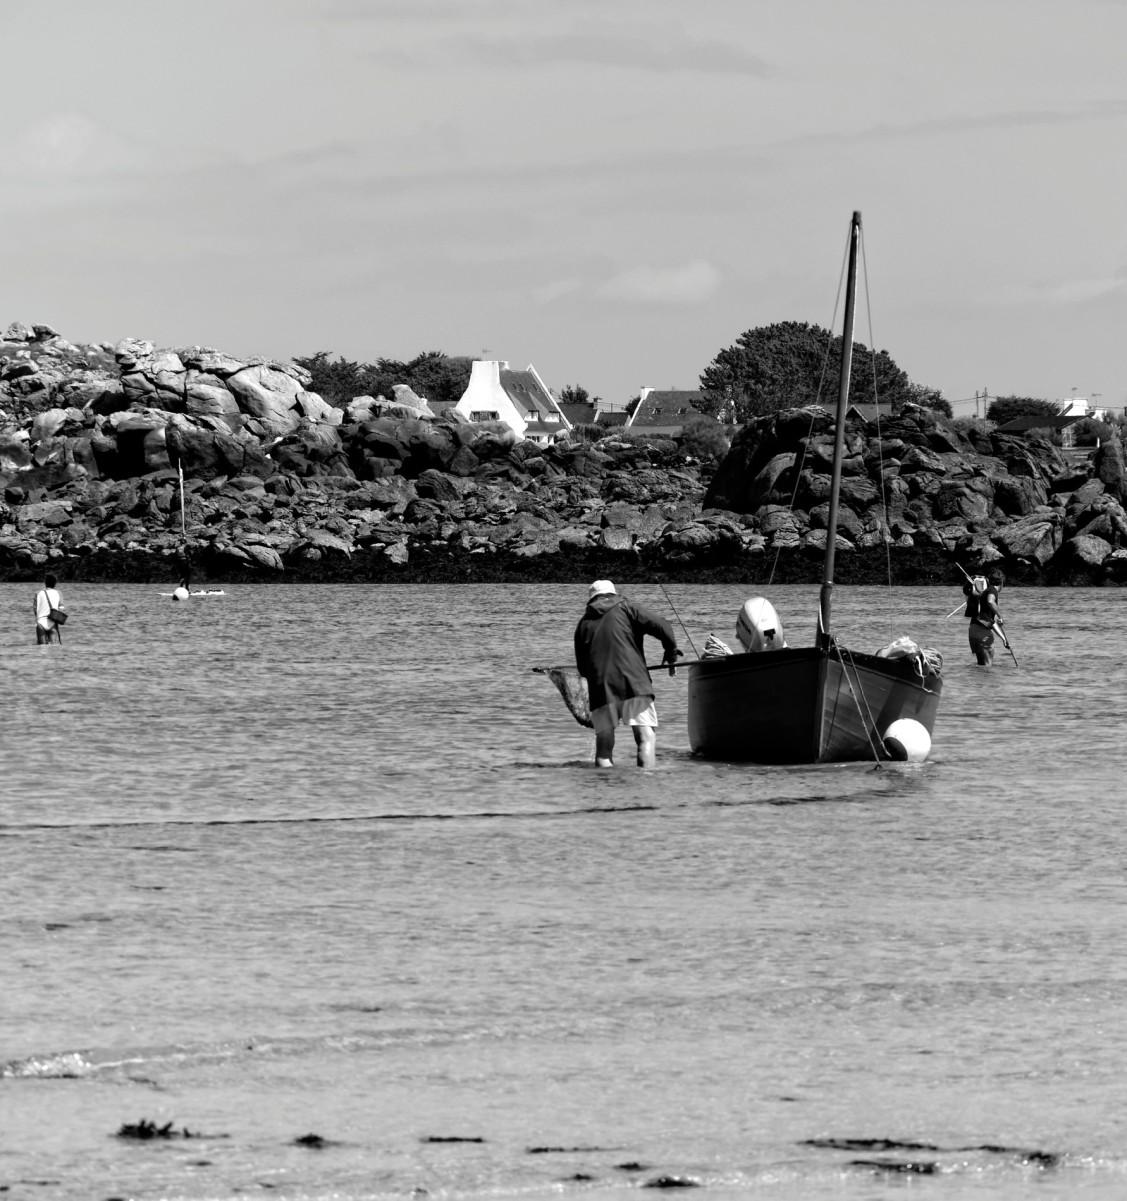 pêche à pieds, Portsall,  La Cave, Noir et Blanc, bateau